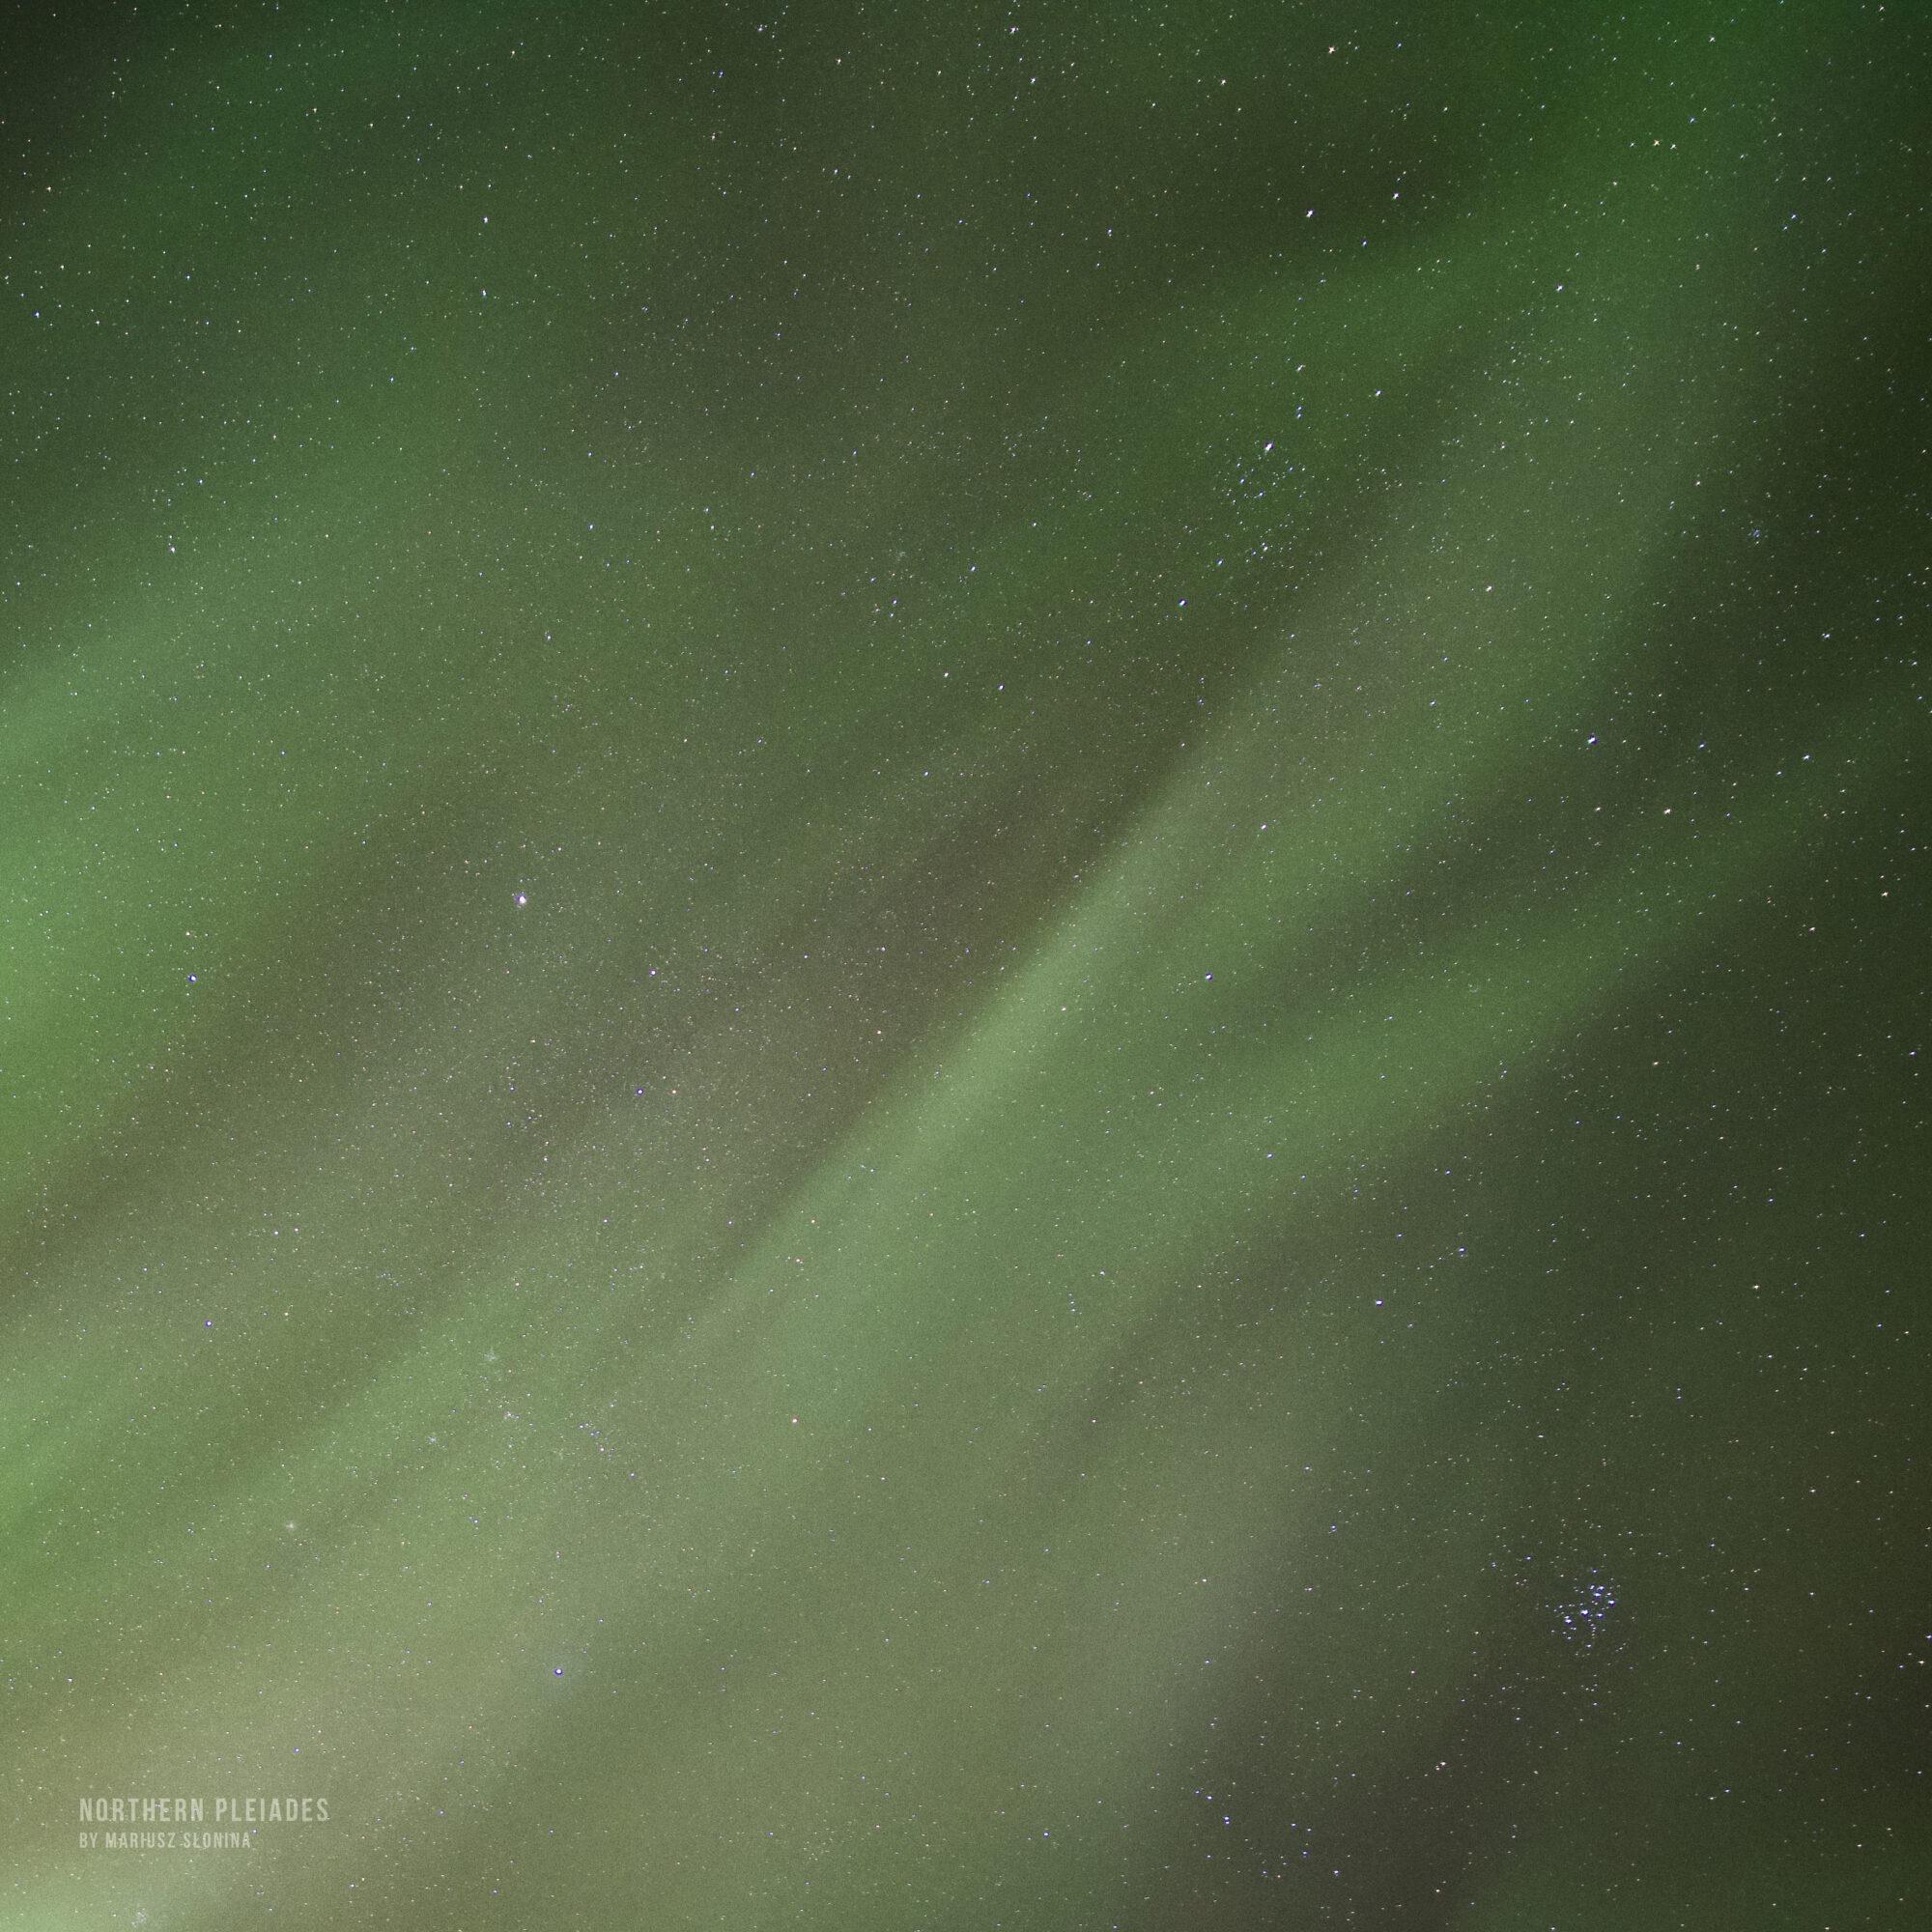 iceland-in-between/ND_20191129_222832_4753_001.jpg